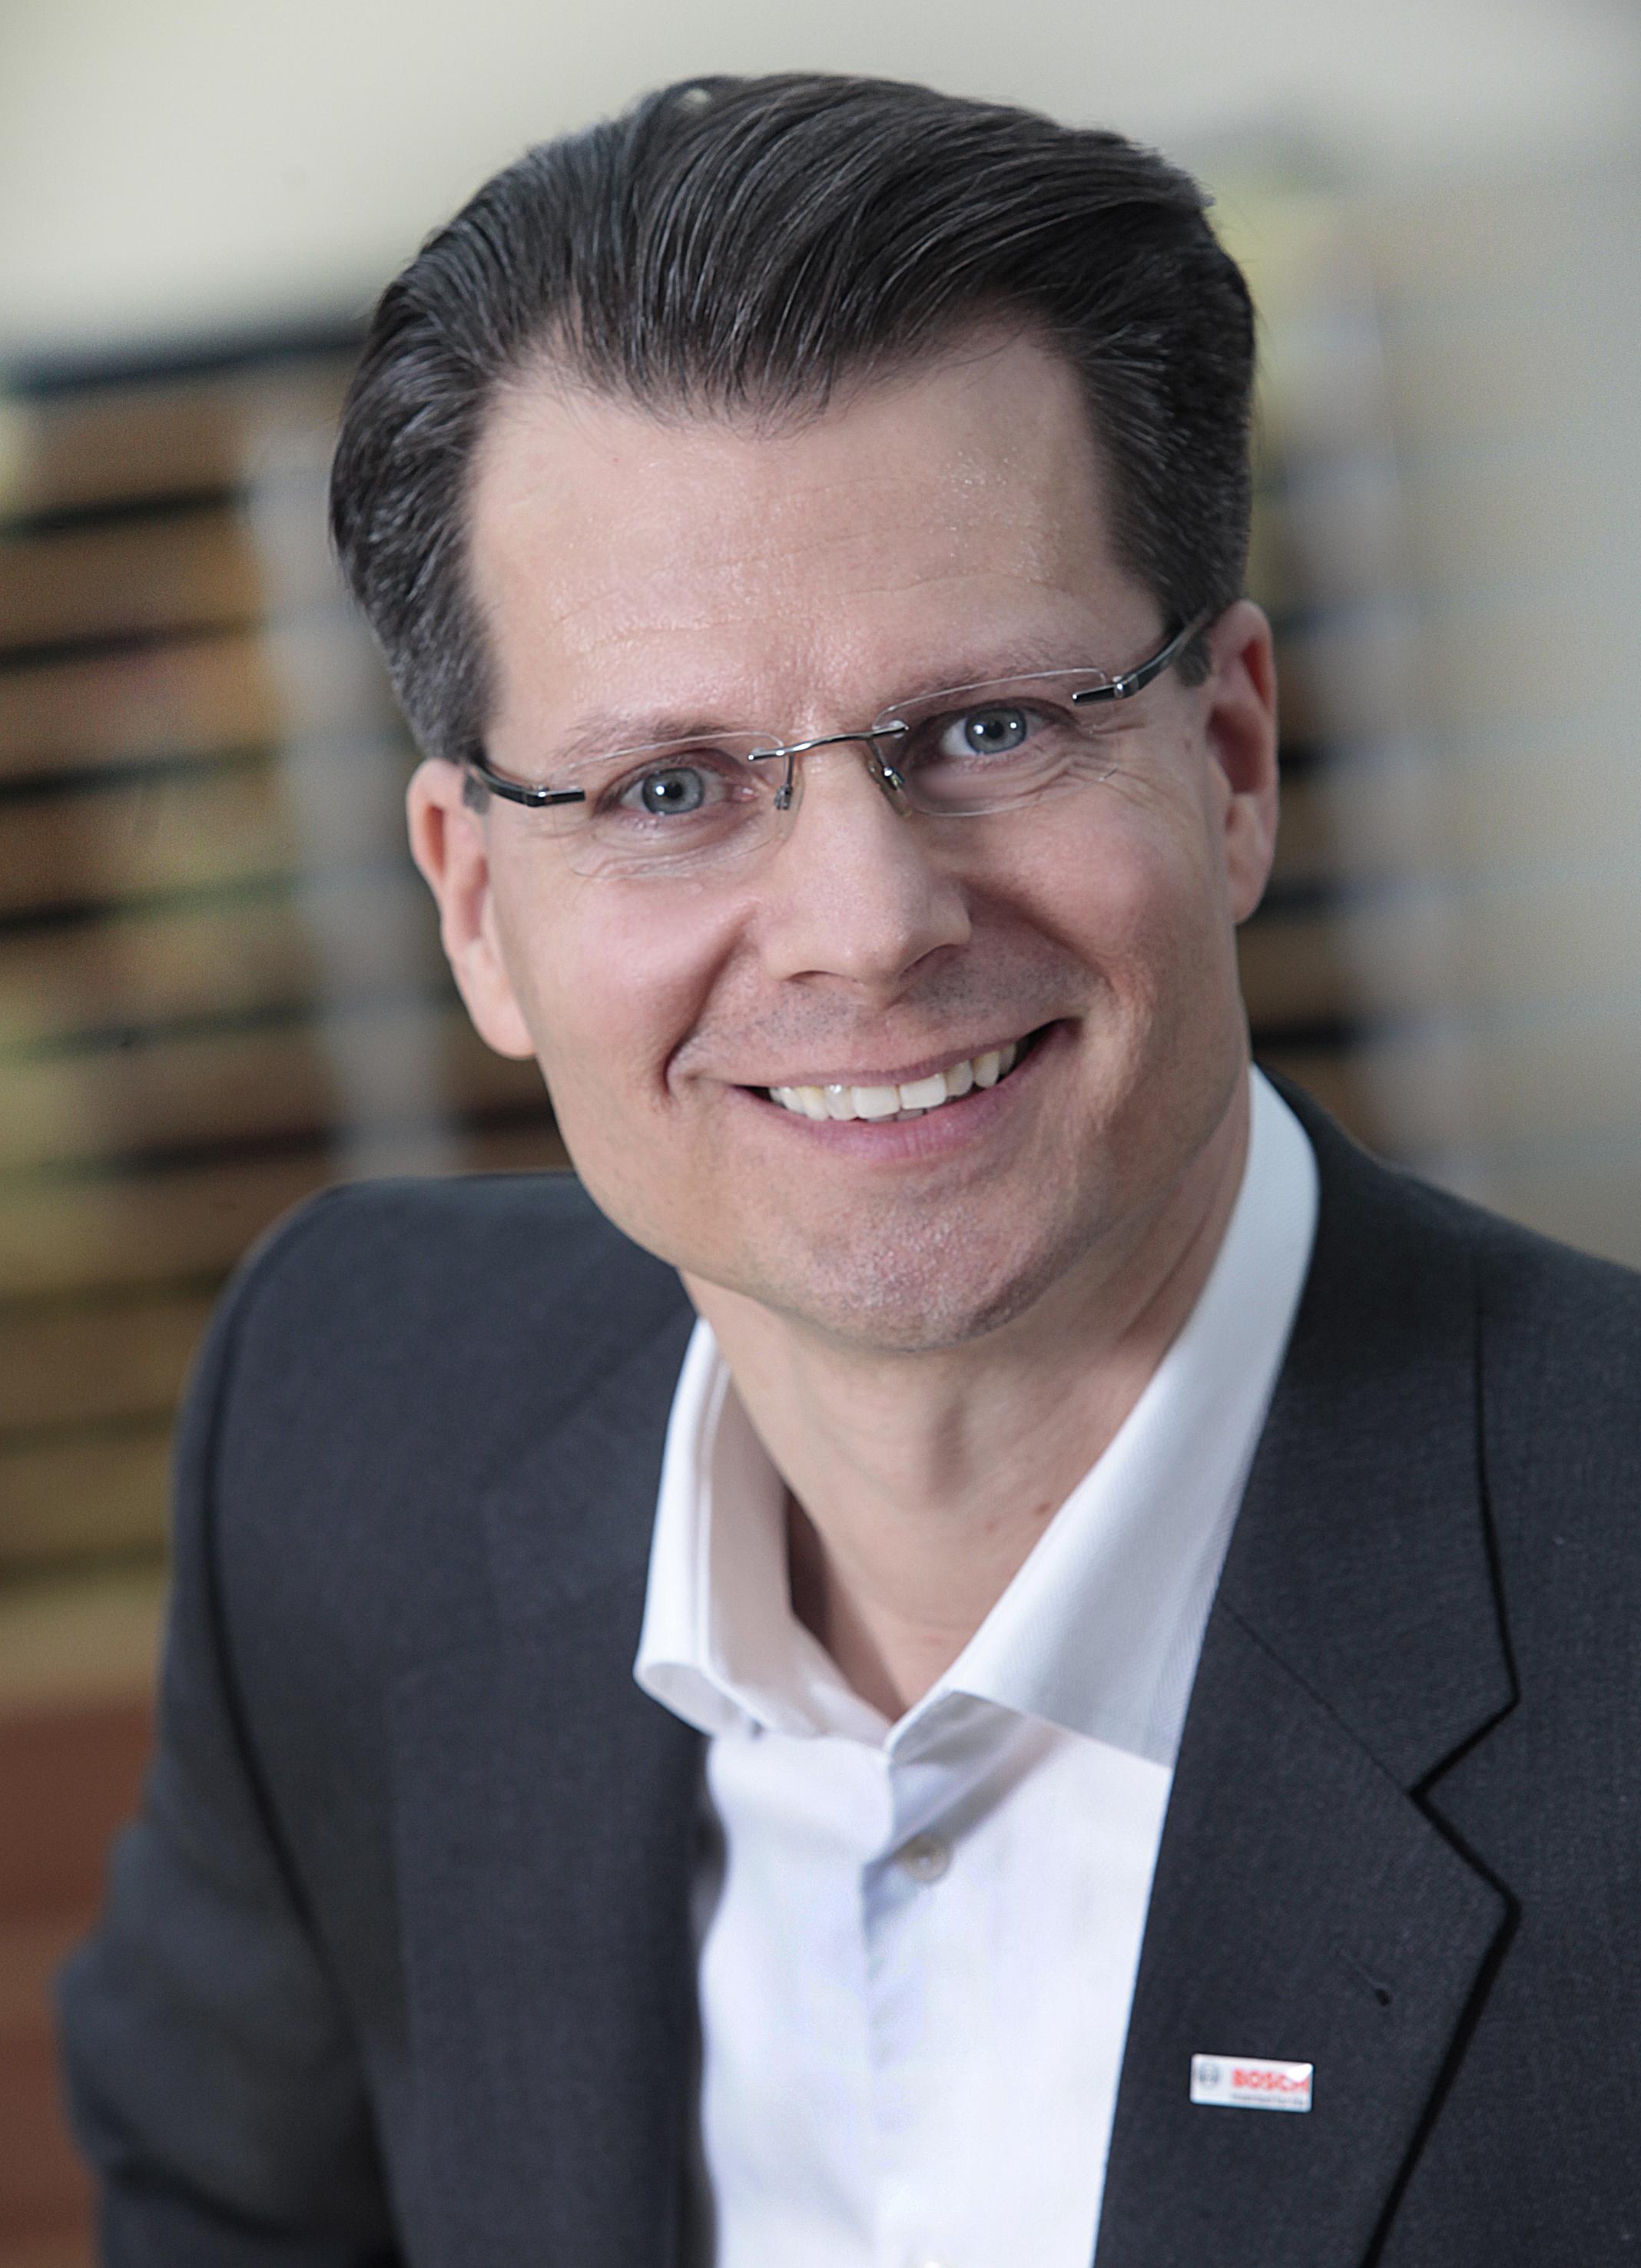 Henning von Boxberg, Vorsitzender der Geschäftsführung der Robert Bosch Power Tools GmbH